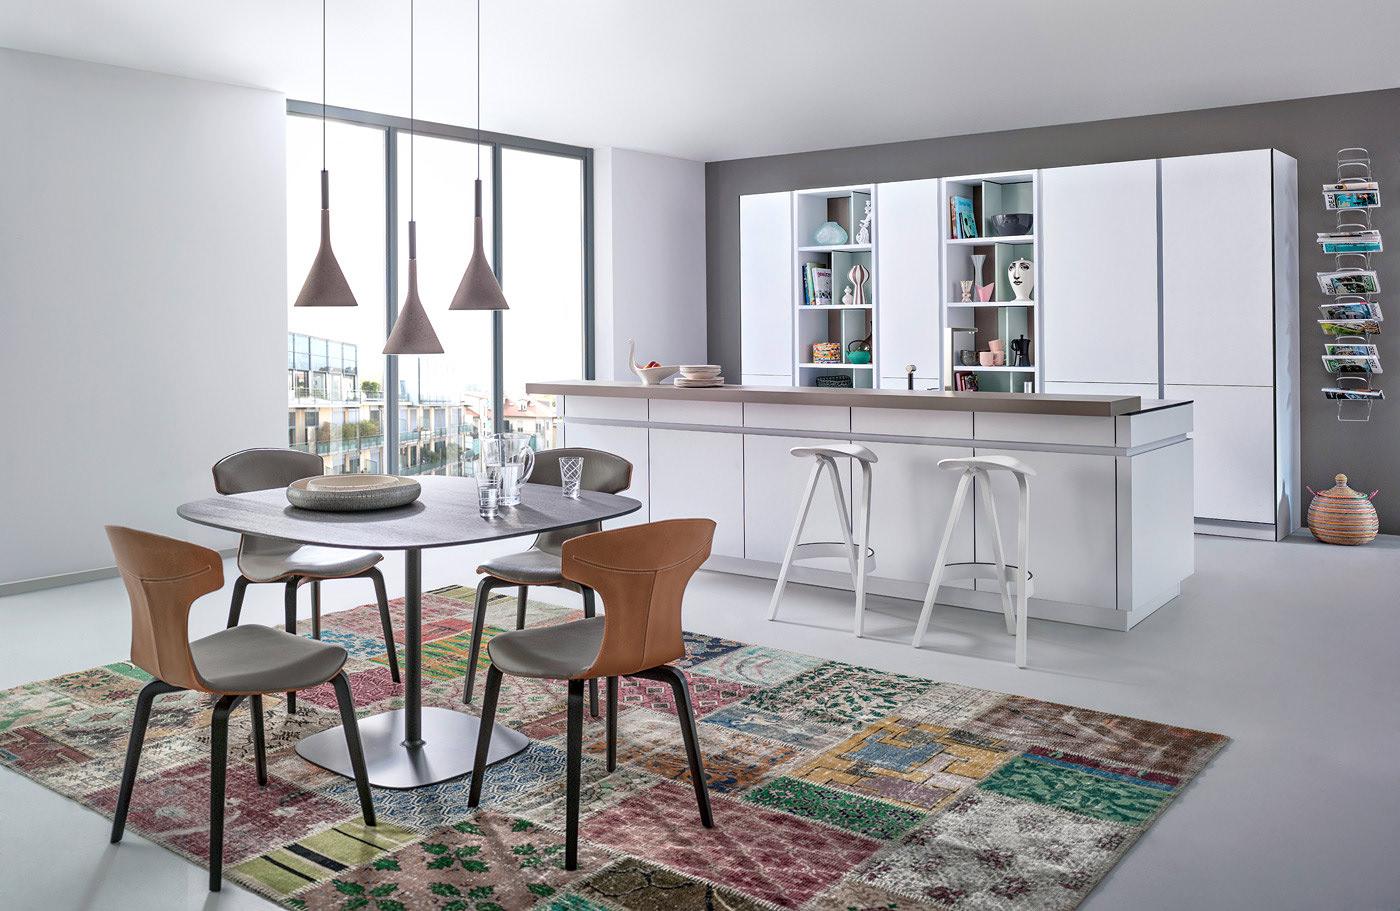 beautiful teppich für küche images - home design ideas - milbank.us - Teppiche Für Die Küche